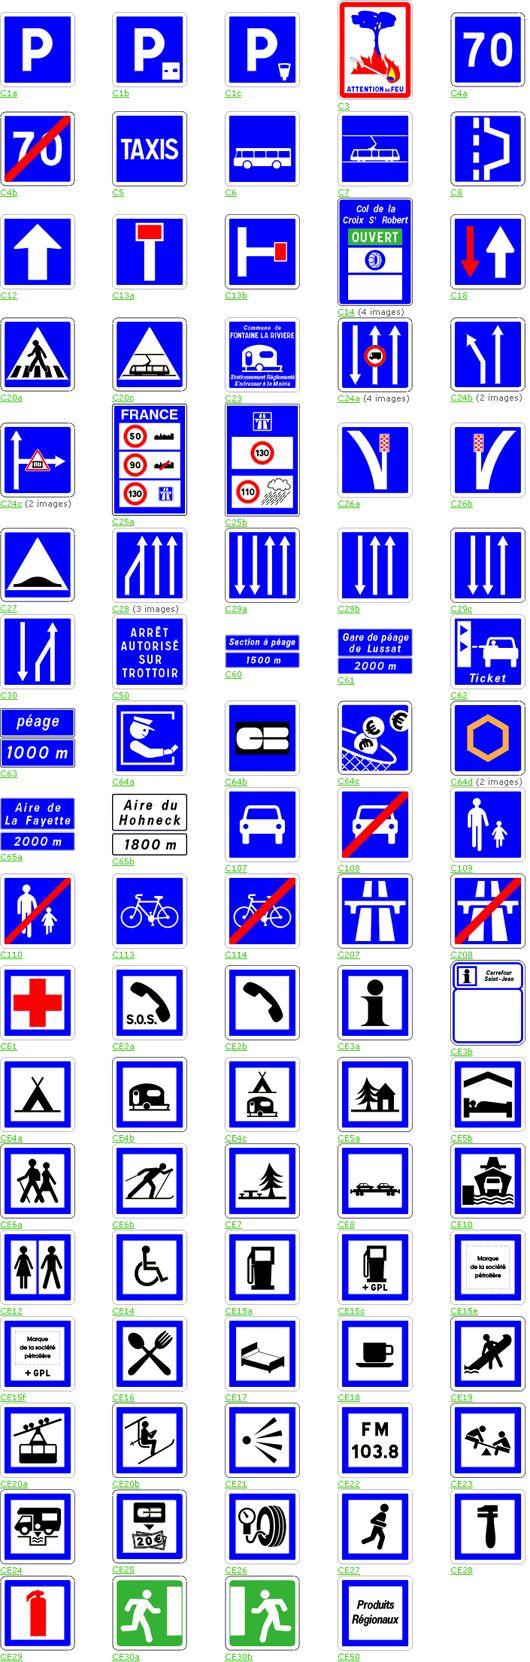 apprendre les panneaux de signalisation gratuit. Black Bedroom Furniture Sets. Home Design Ideas